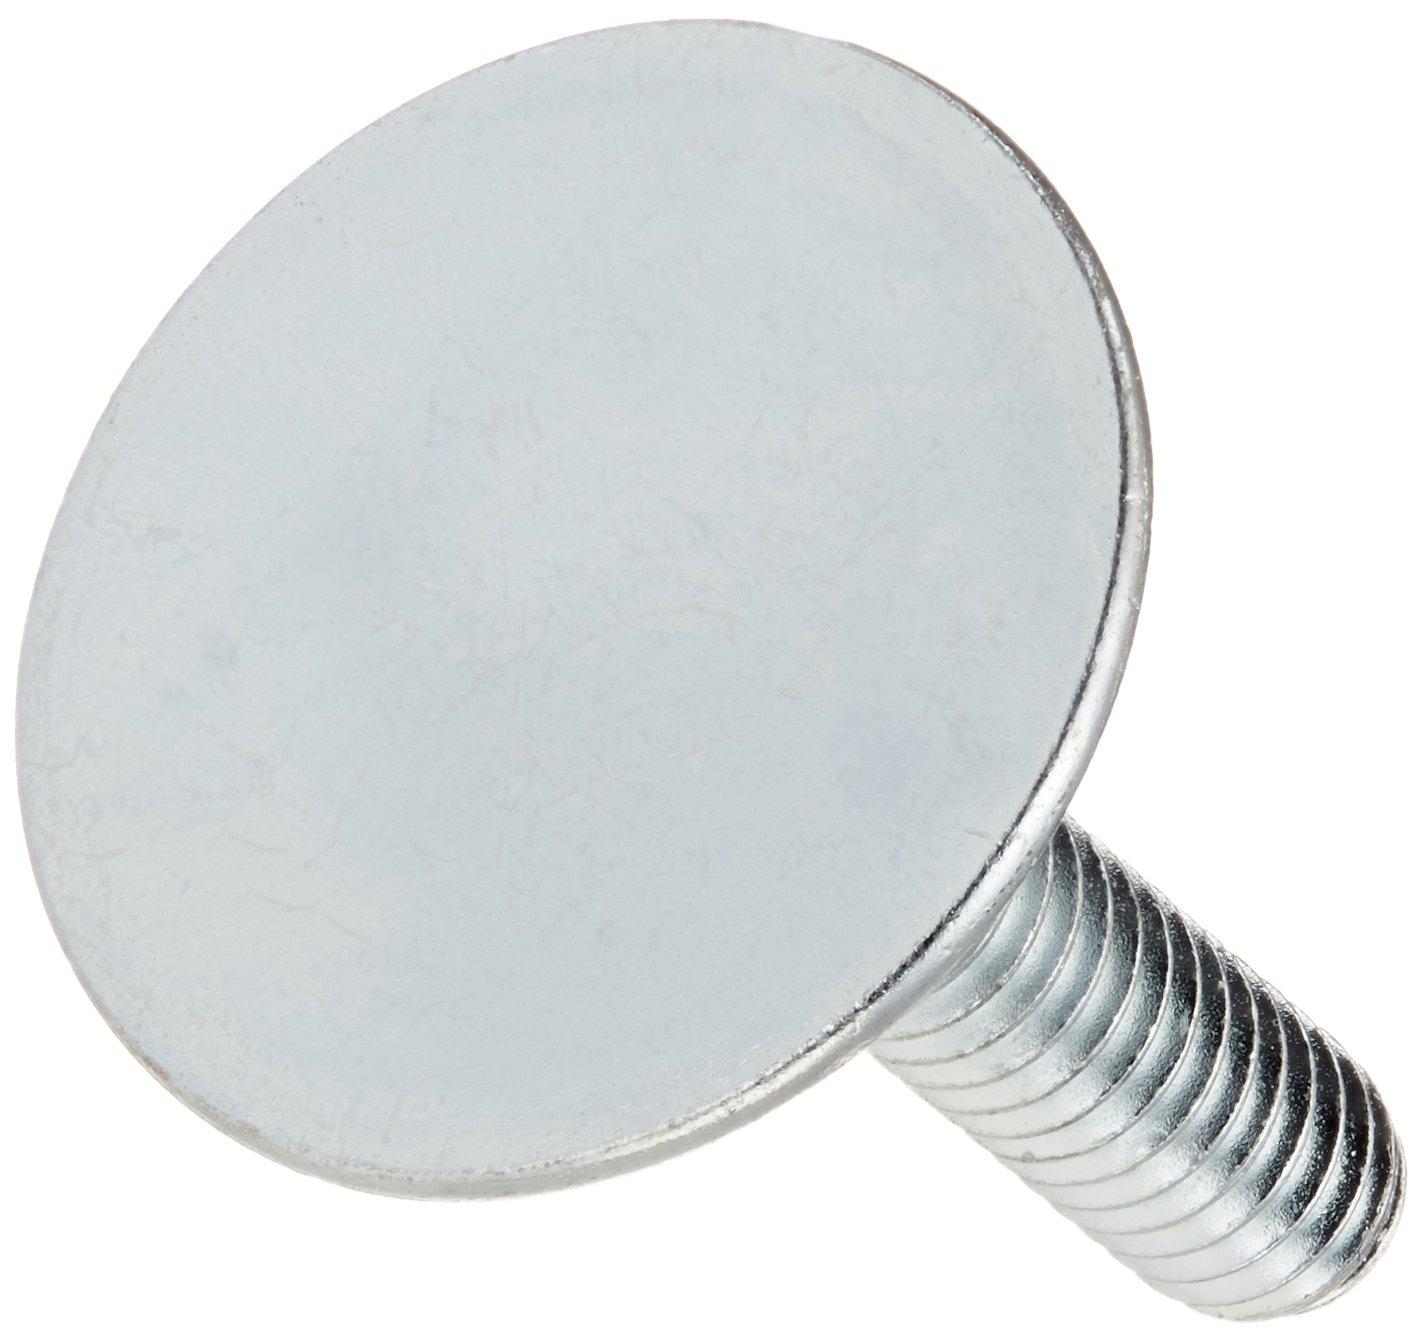 Hard-to-Find Fastener 014973239626 Elevator Bolts, 1/4-20 x 1-1/4, Piece-10